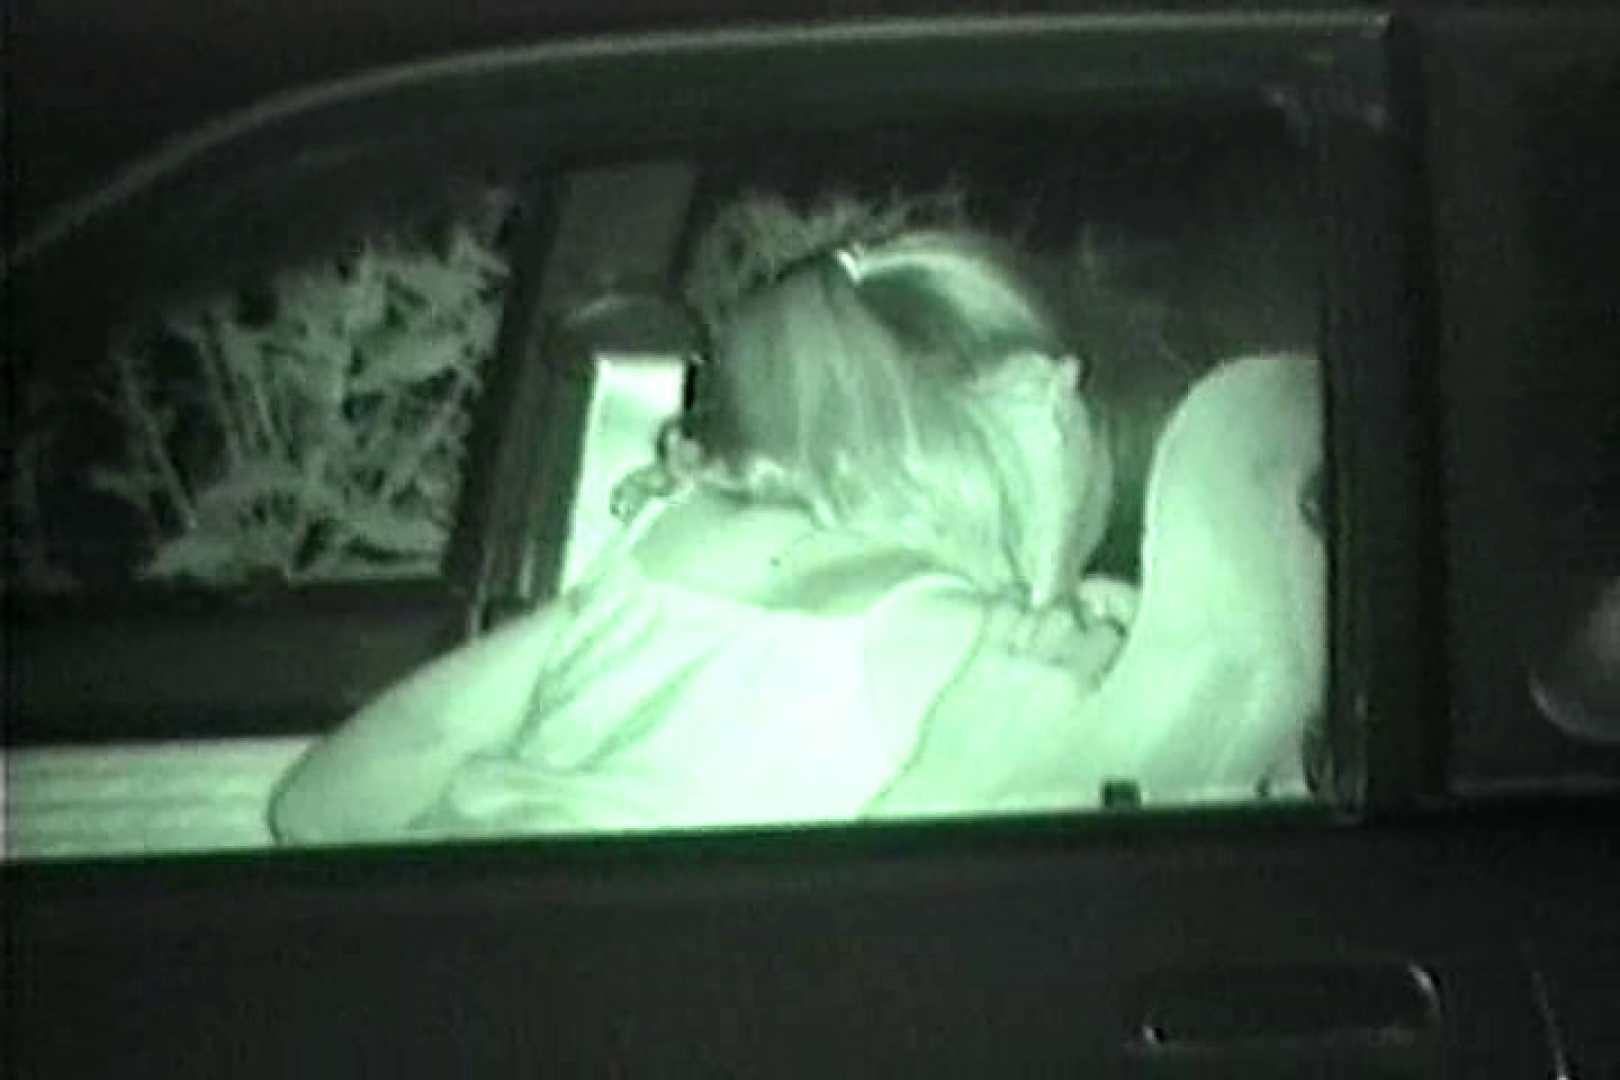 車の中はラブホテル 無修正版  Vol.9 ホテル | 車の中のカップル  60画像 37